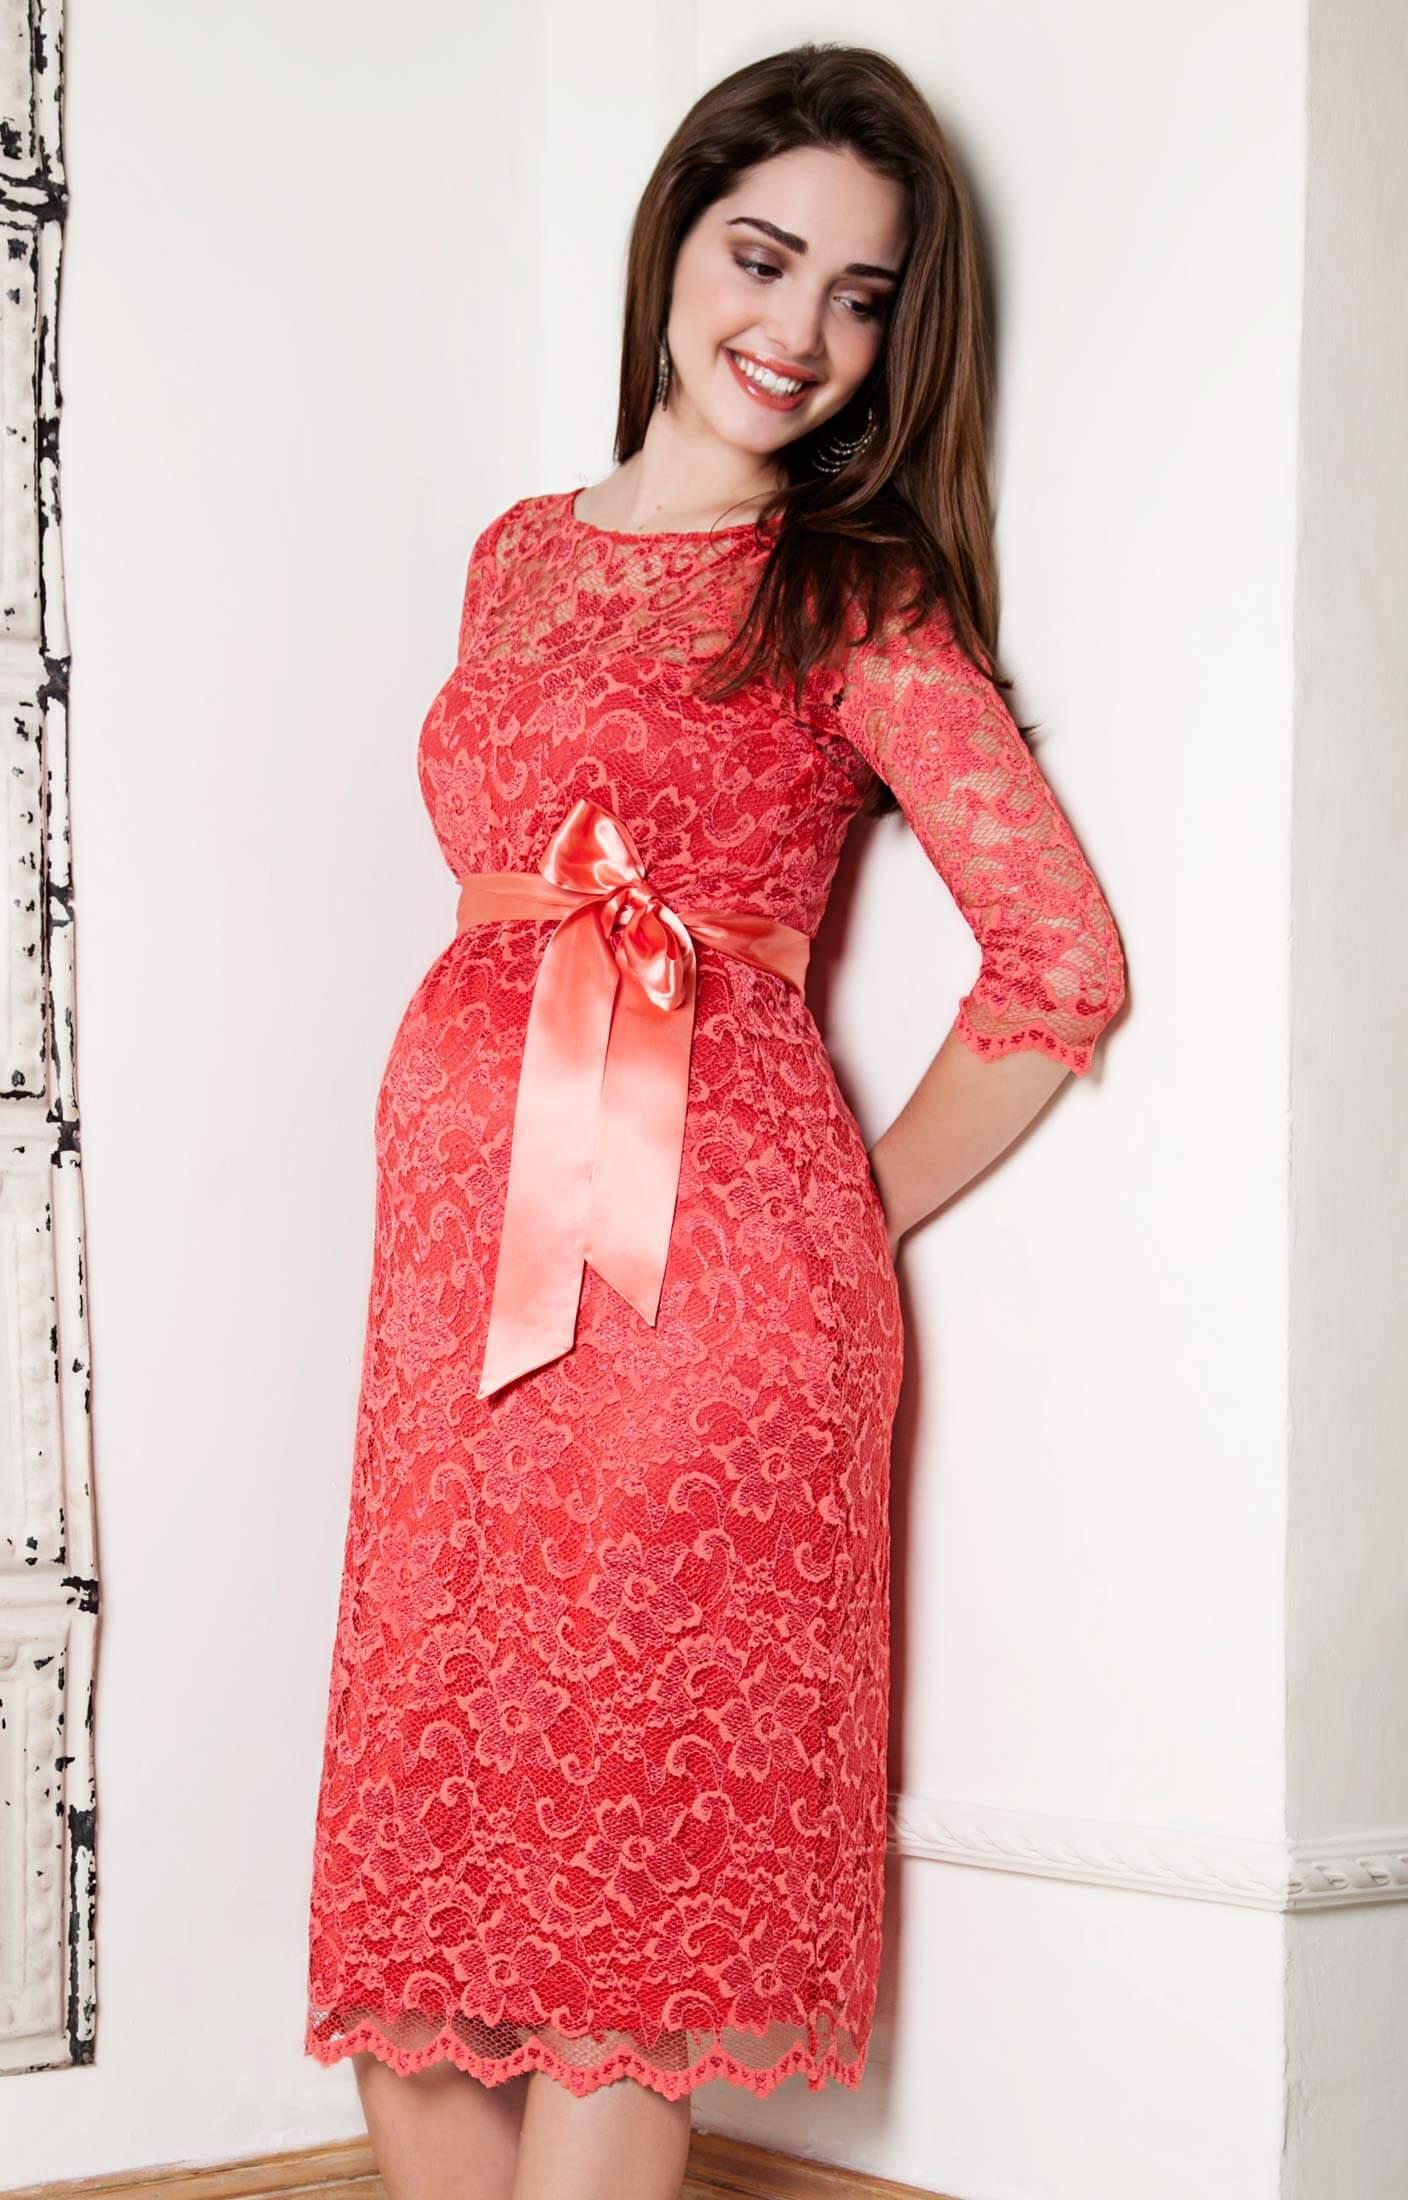 Amelia Lace Maternity Dress Short (Hot Mandarin) maternity wedding guest dresses Amelia Lace Maternity Dress Short Hot Mandarin by Tiffany Rose